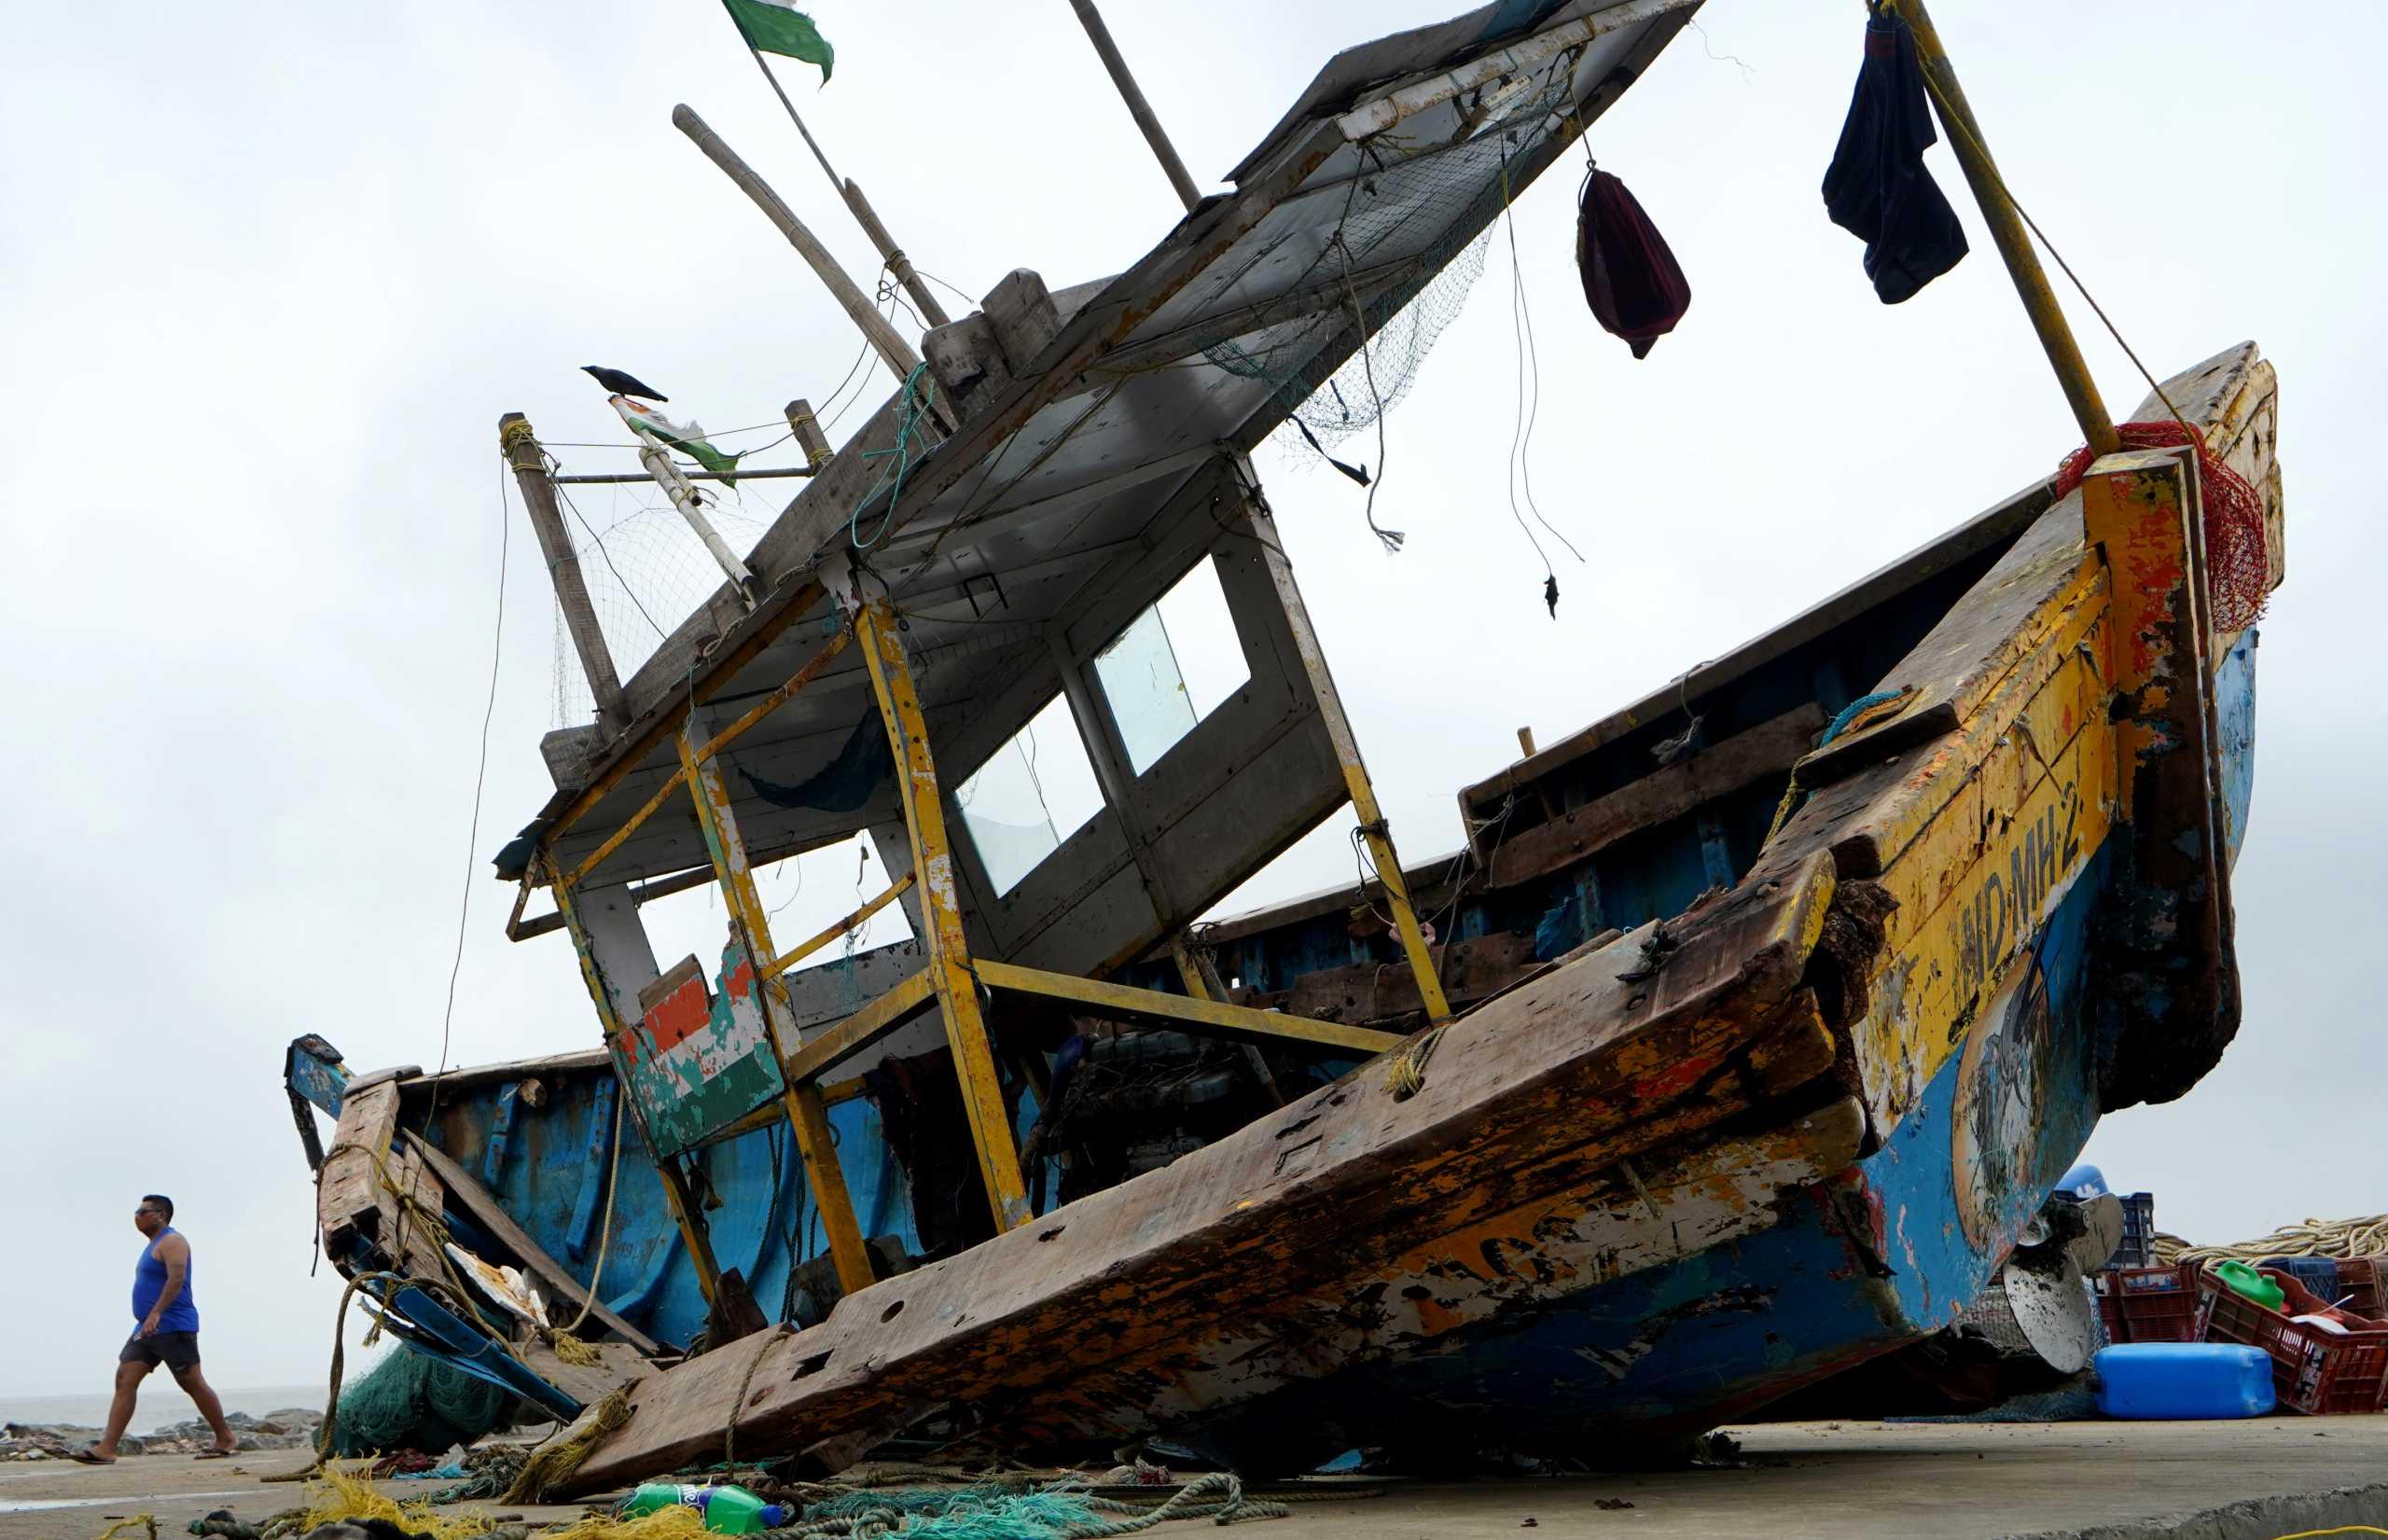 Ινδία: Αγνοούνται ακόμα 77 άνθρωποι από το ναυάγιο στην Βομβάη (pics)